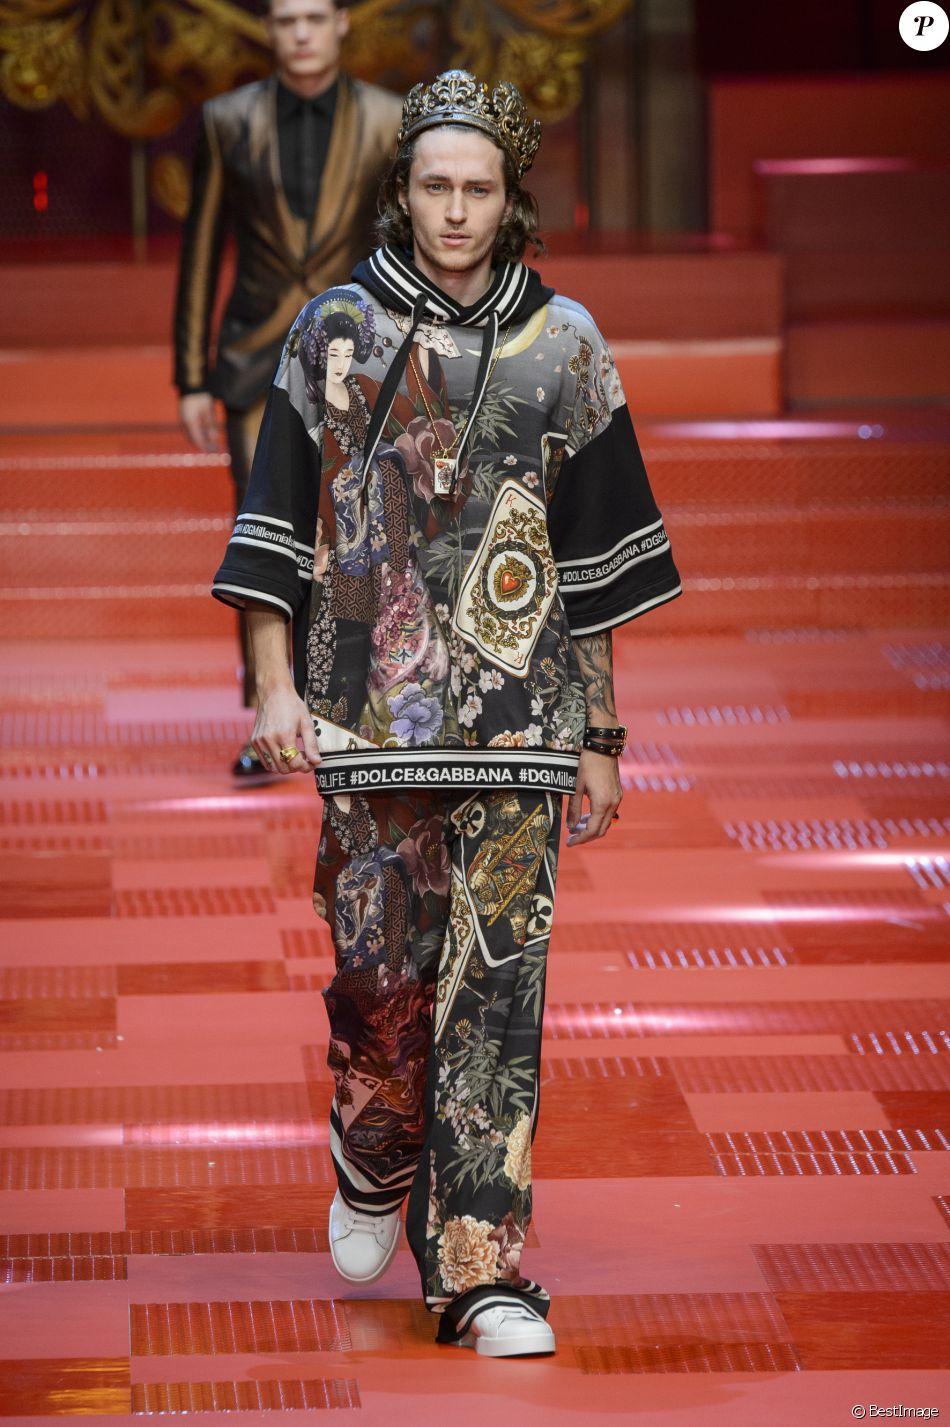 a693c4f981 Braison Cyrus (petit frère de Miley Cyrus) - Défilé de mode Dolce &  Gabbana, collection masculine printemps-été 2018 à Milan. Le 17 juin 2017.